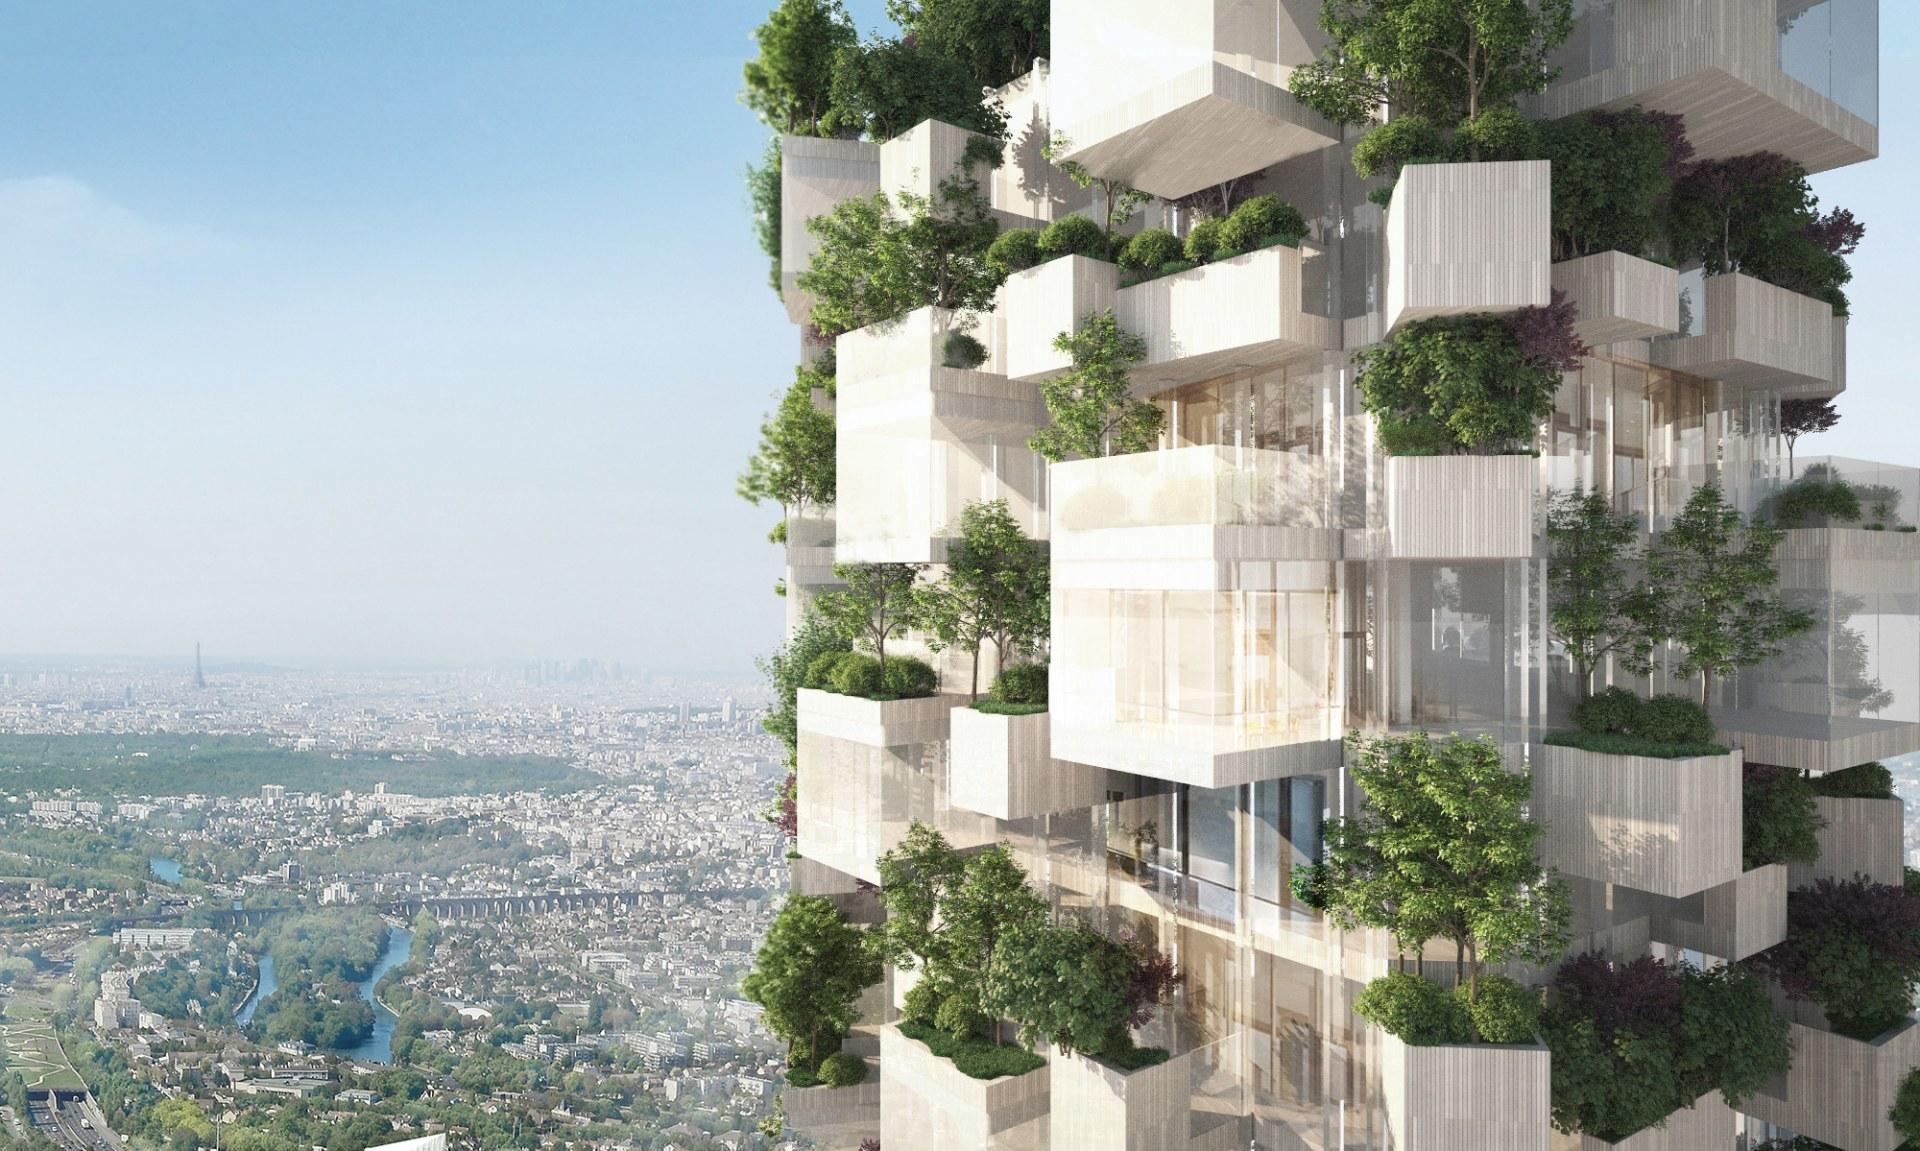 La torre avrà un'altezza di 54 metri /  Stefano Boeri Architetti